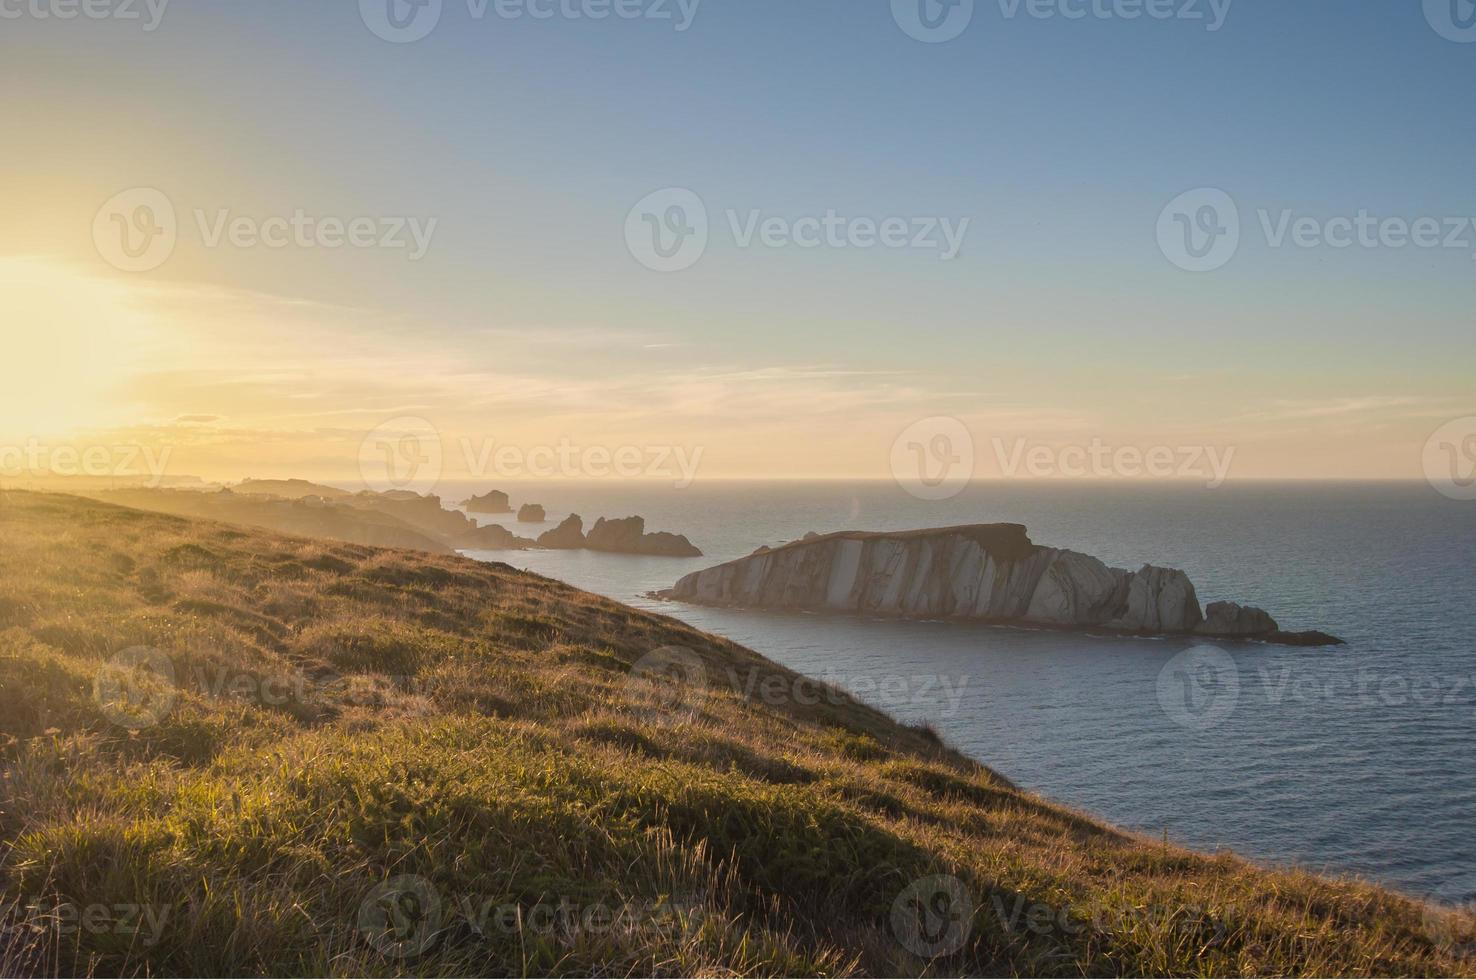 pequena ilha de pedra no oceano vista das falésias foto